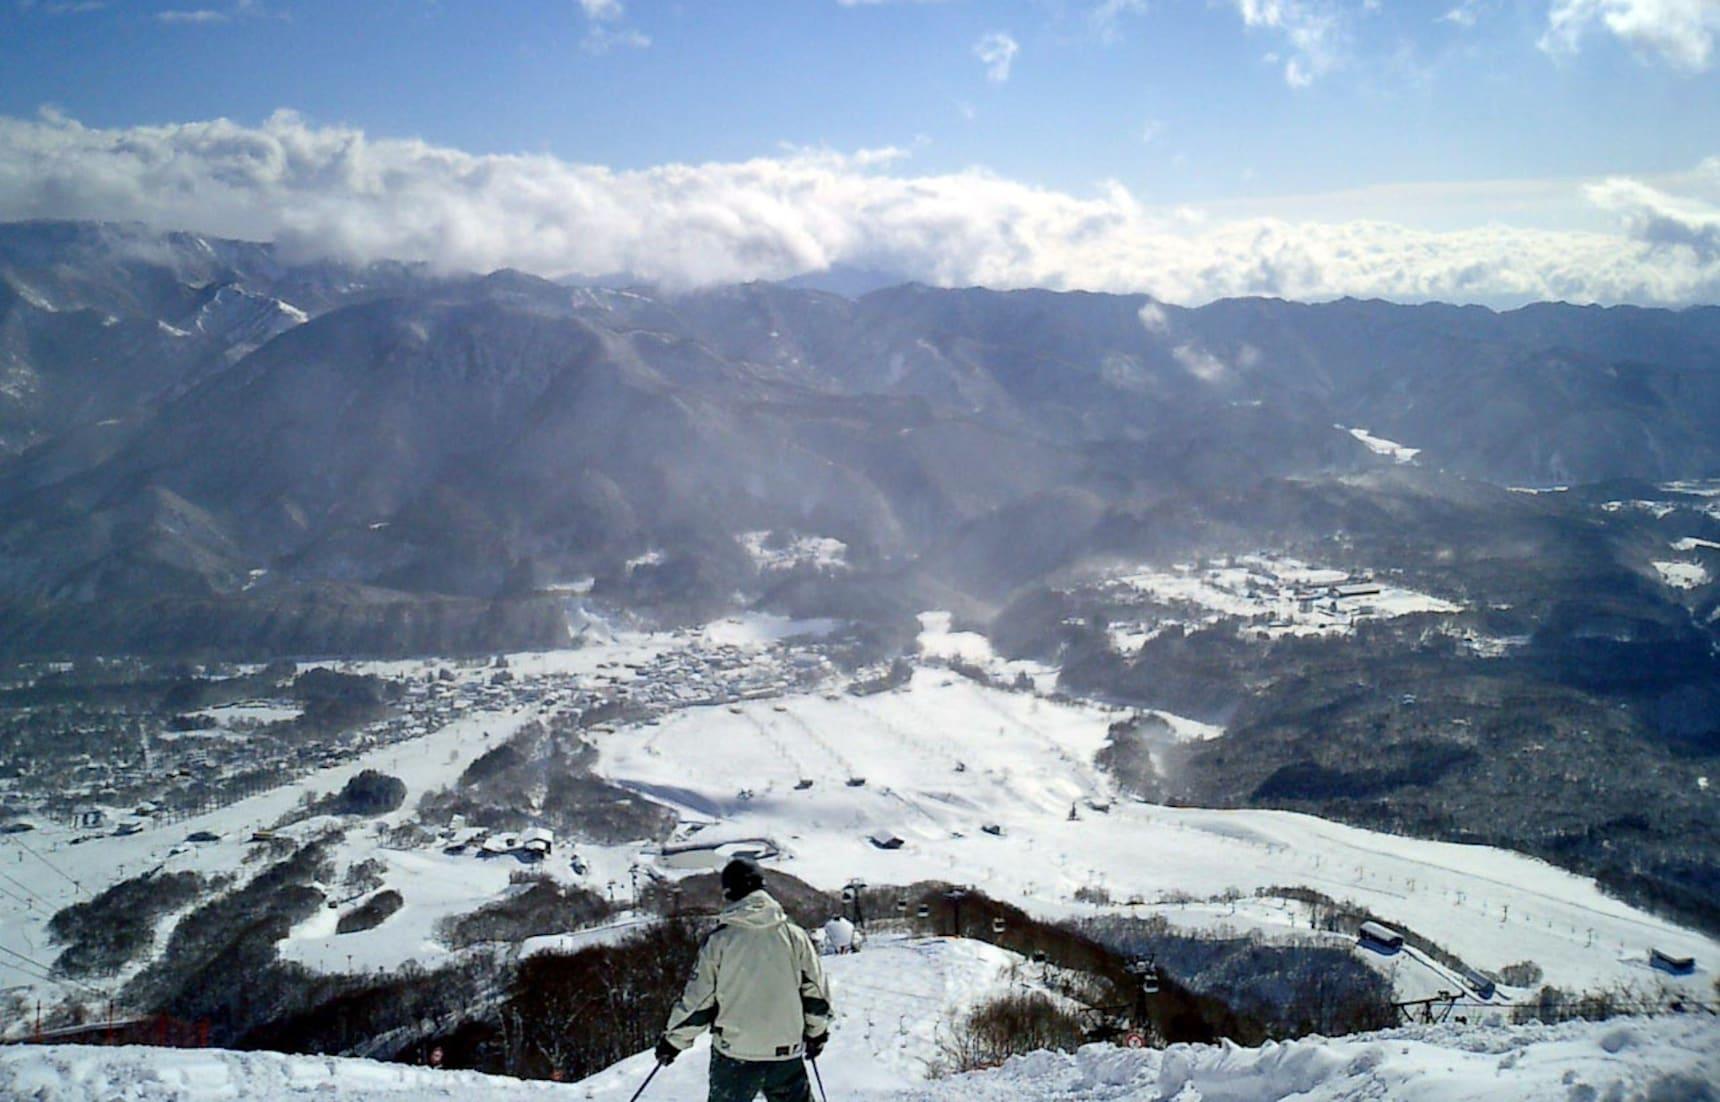 ไปเล่นสกีหรือชมหิมะที่ 10 ลานสกีของญี่ปุ่น